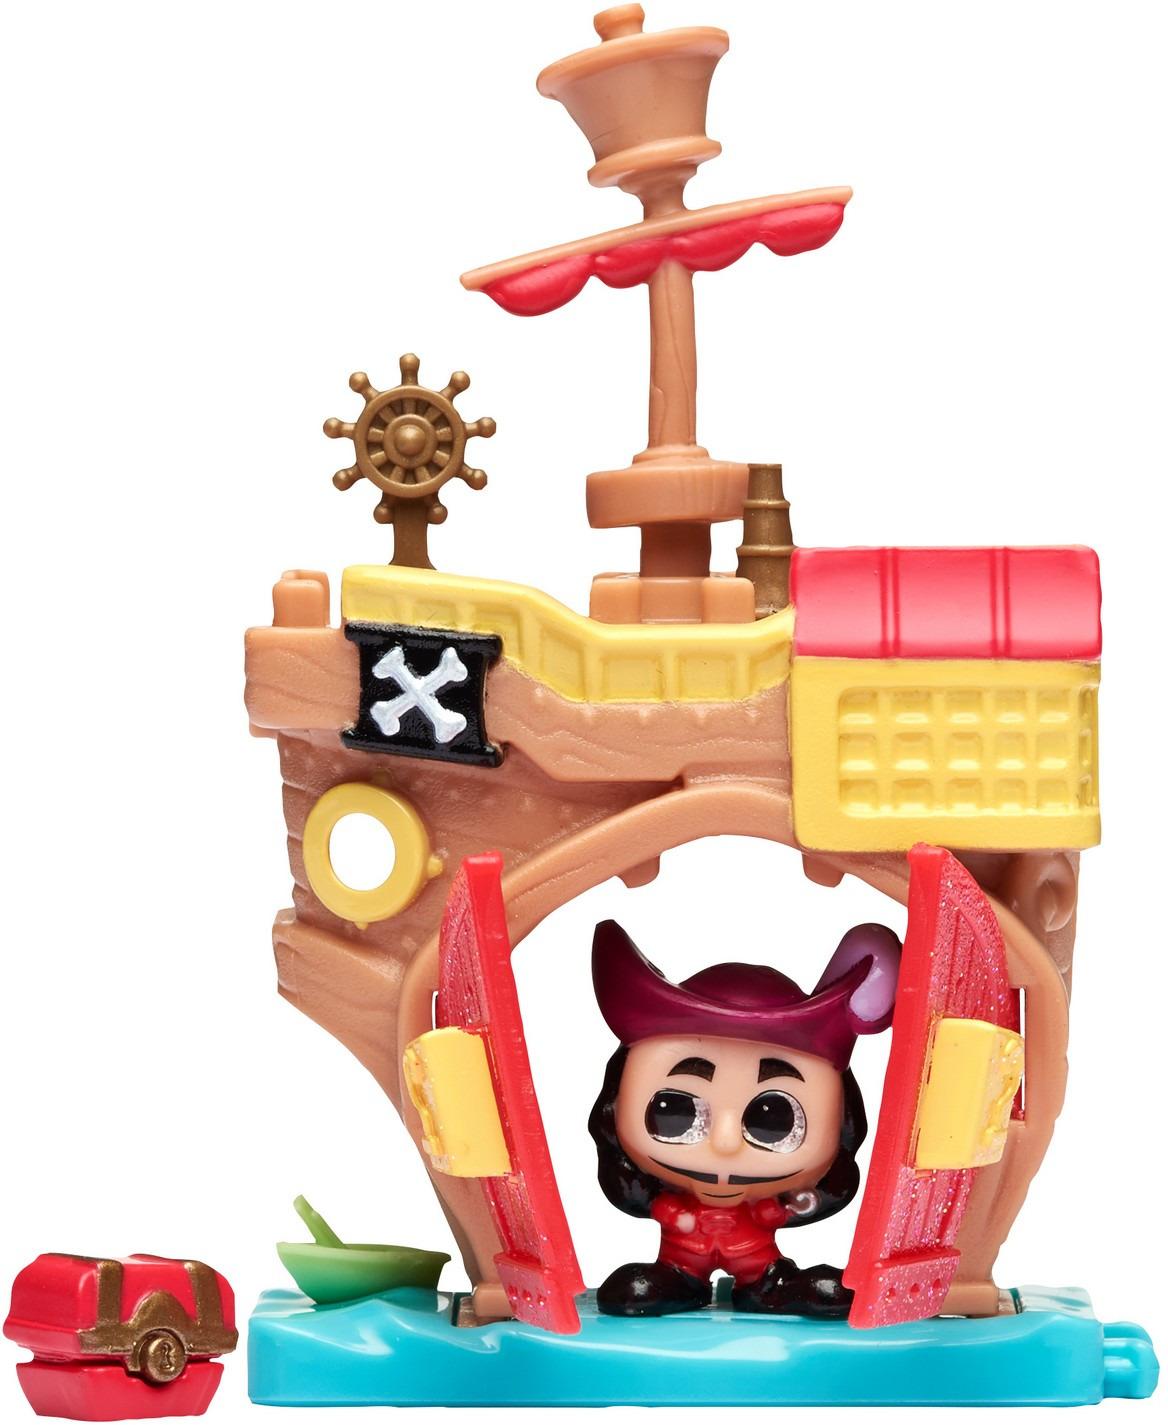 """Набор игровой Moose Disney Doorables """"Питер Пэн"""", 69416, с аксессуарами"""